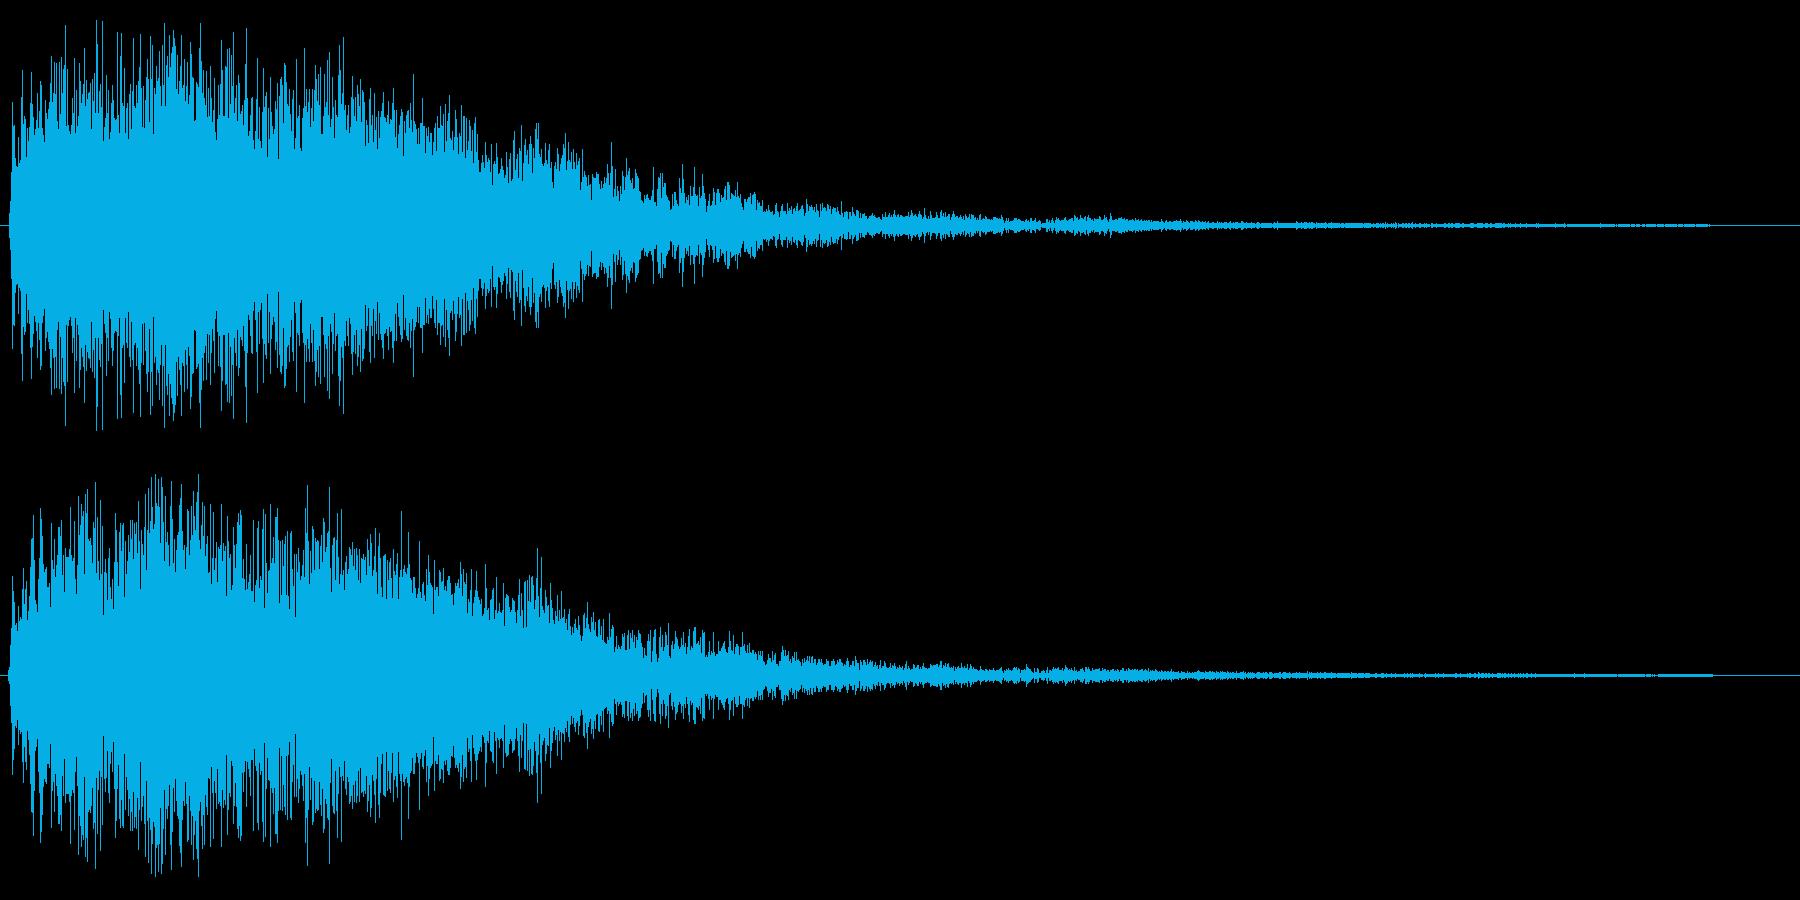 ピヨヨヨーン(高めで不思議な感じ)の再生済みの波形